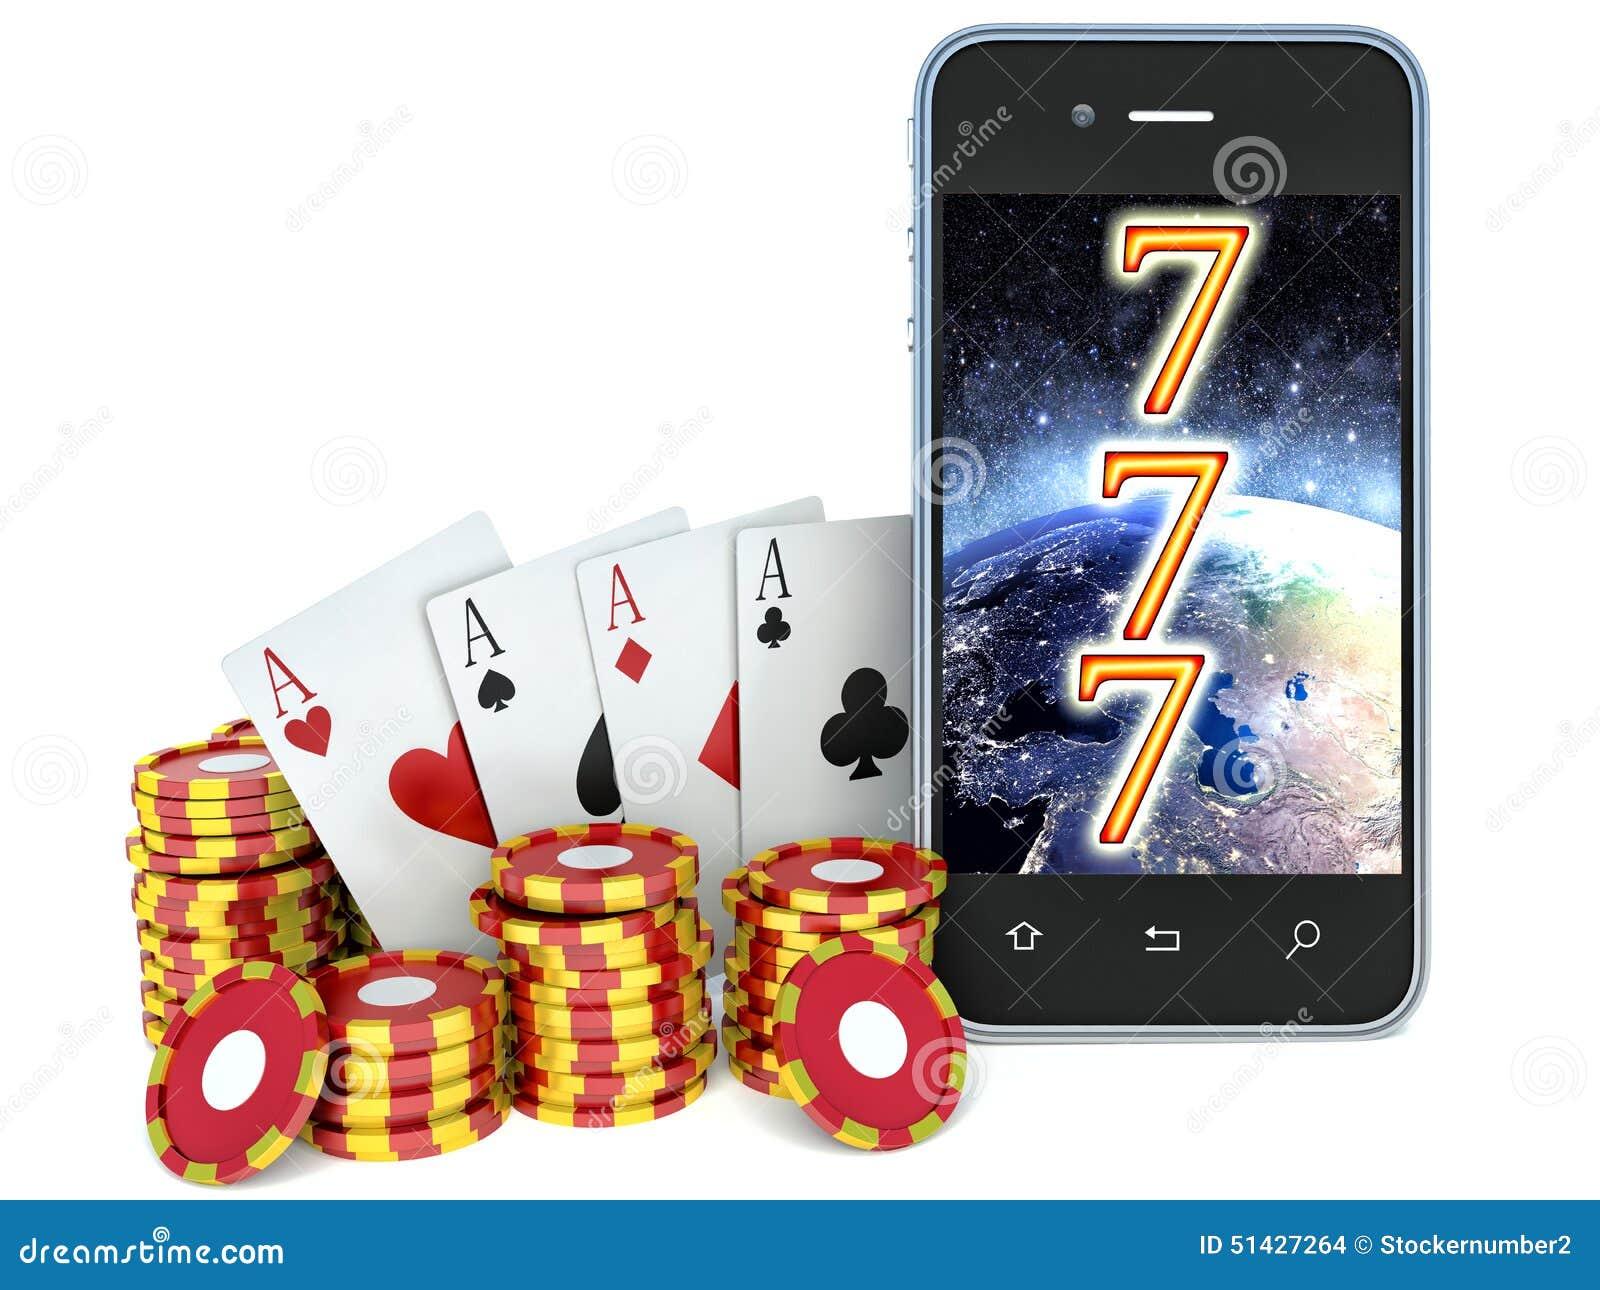 Grand play casino